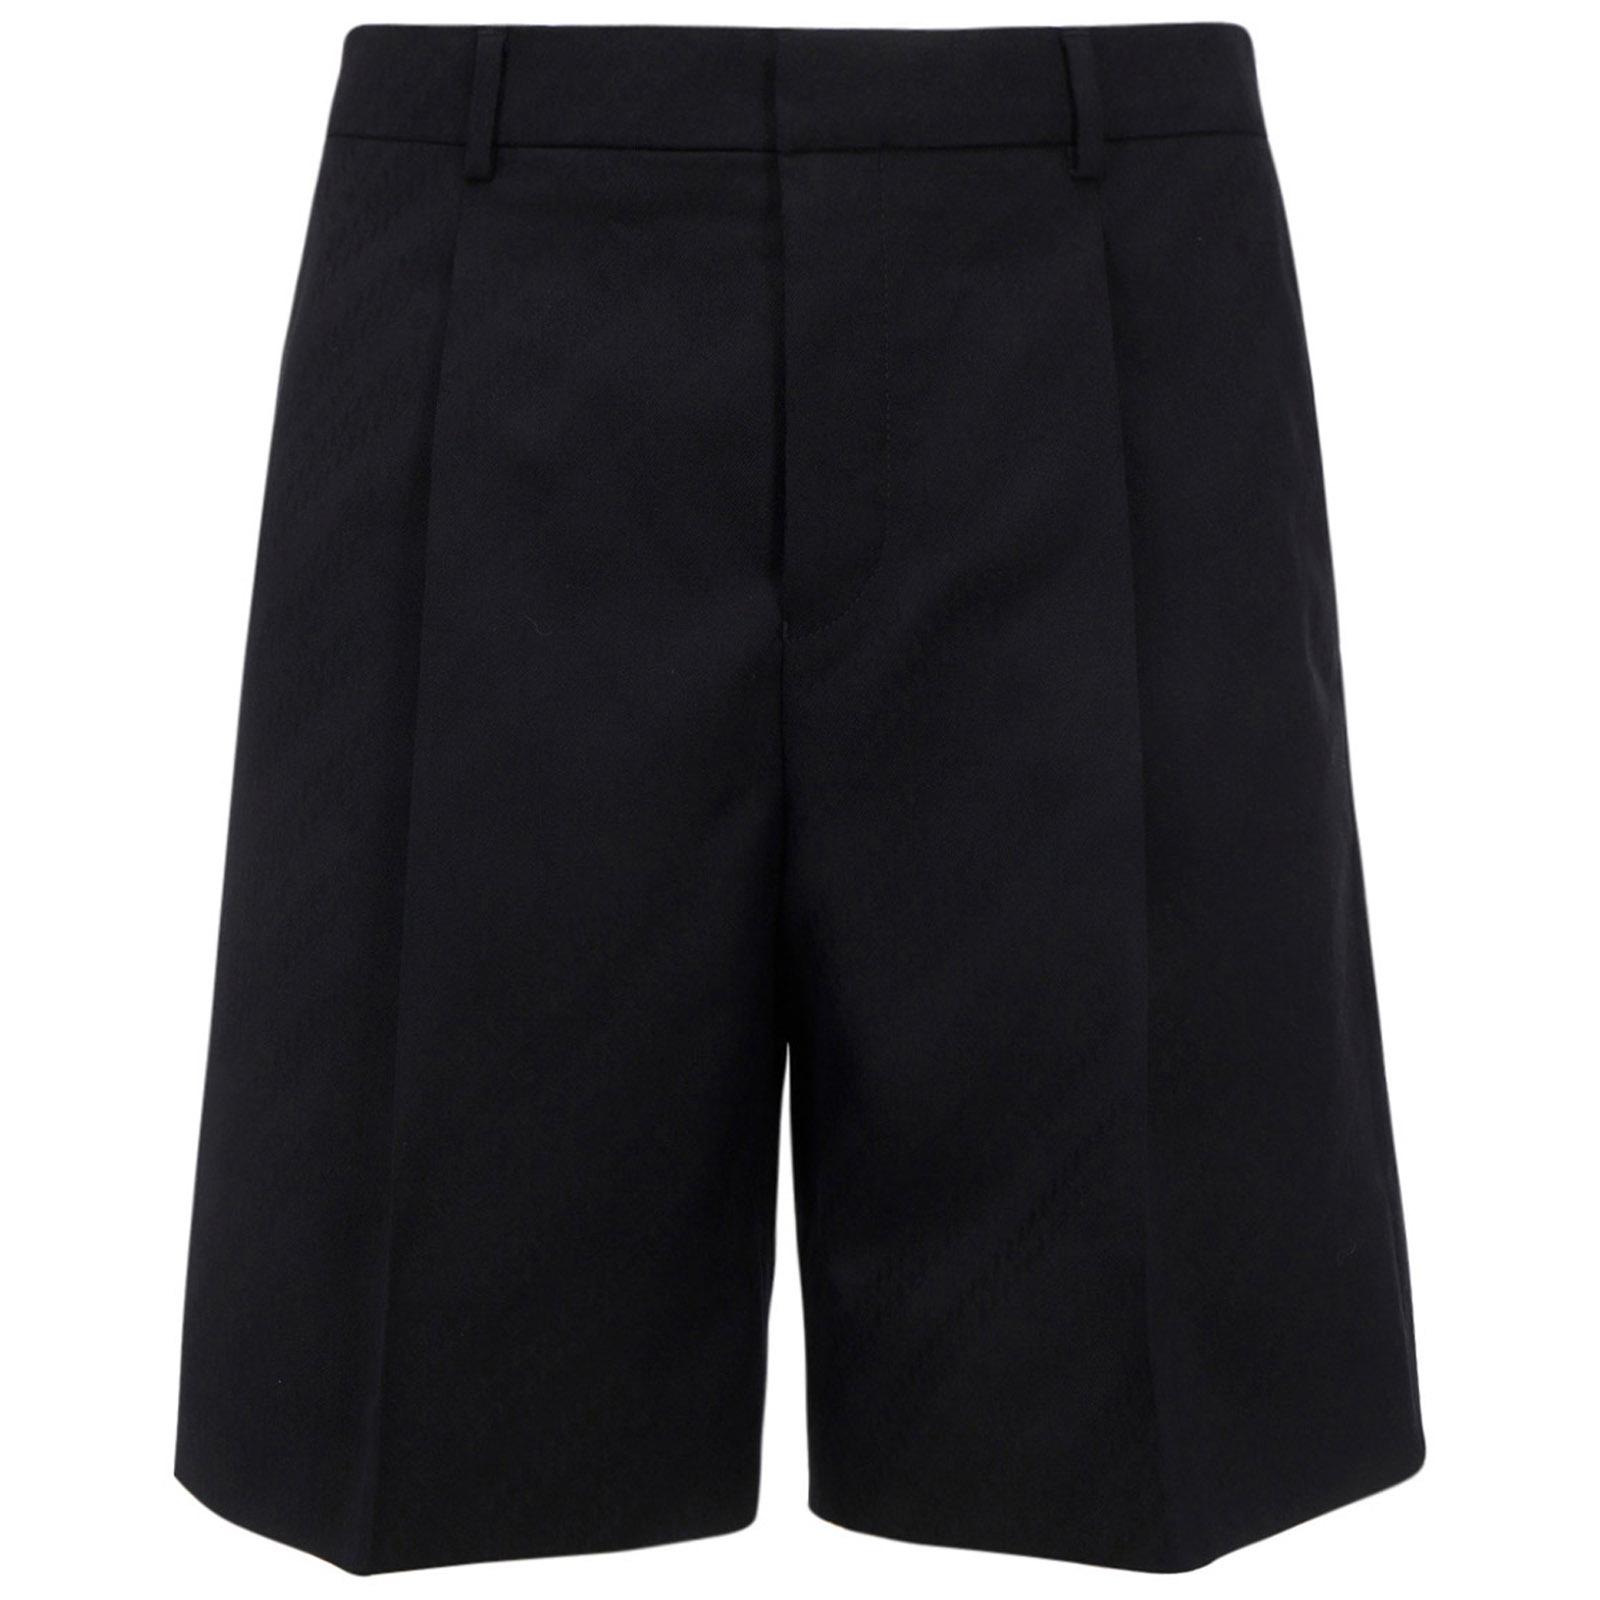 Givenchy Shorts MEN'S SHORTS BERMUDA